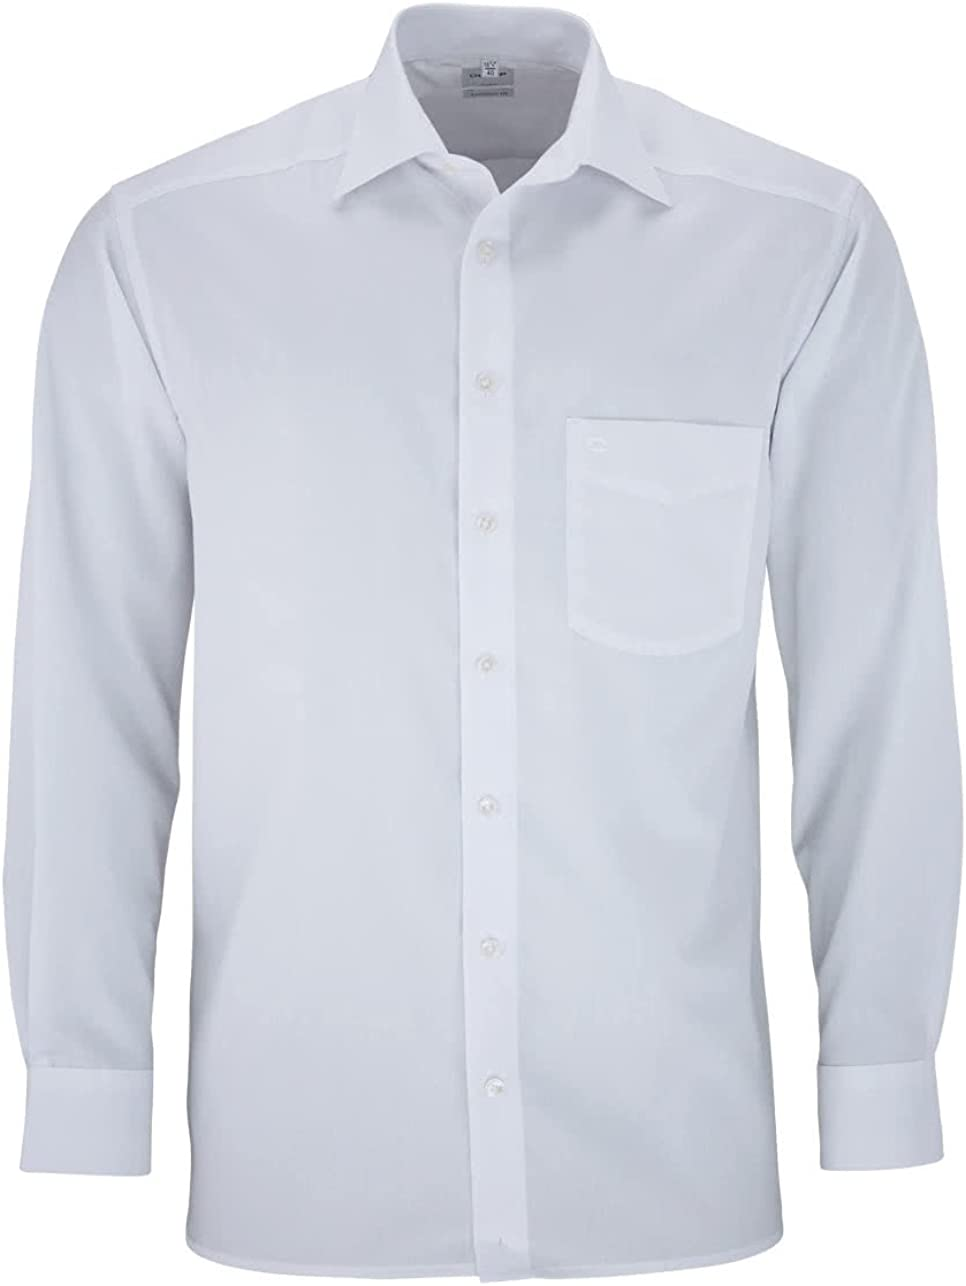 OLYMP - Camisa casual - Negocios - Básico - Manga Larga - para hombre